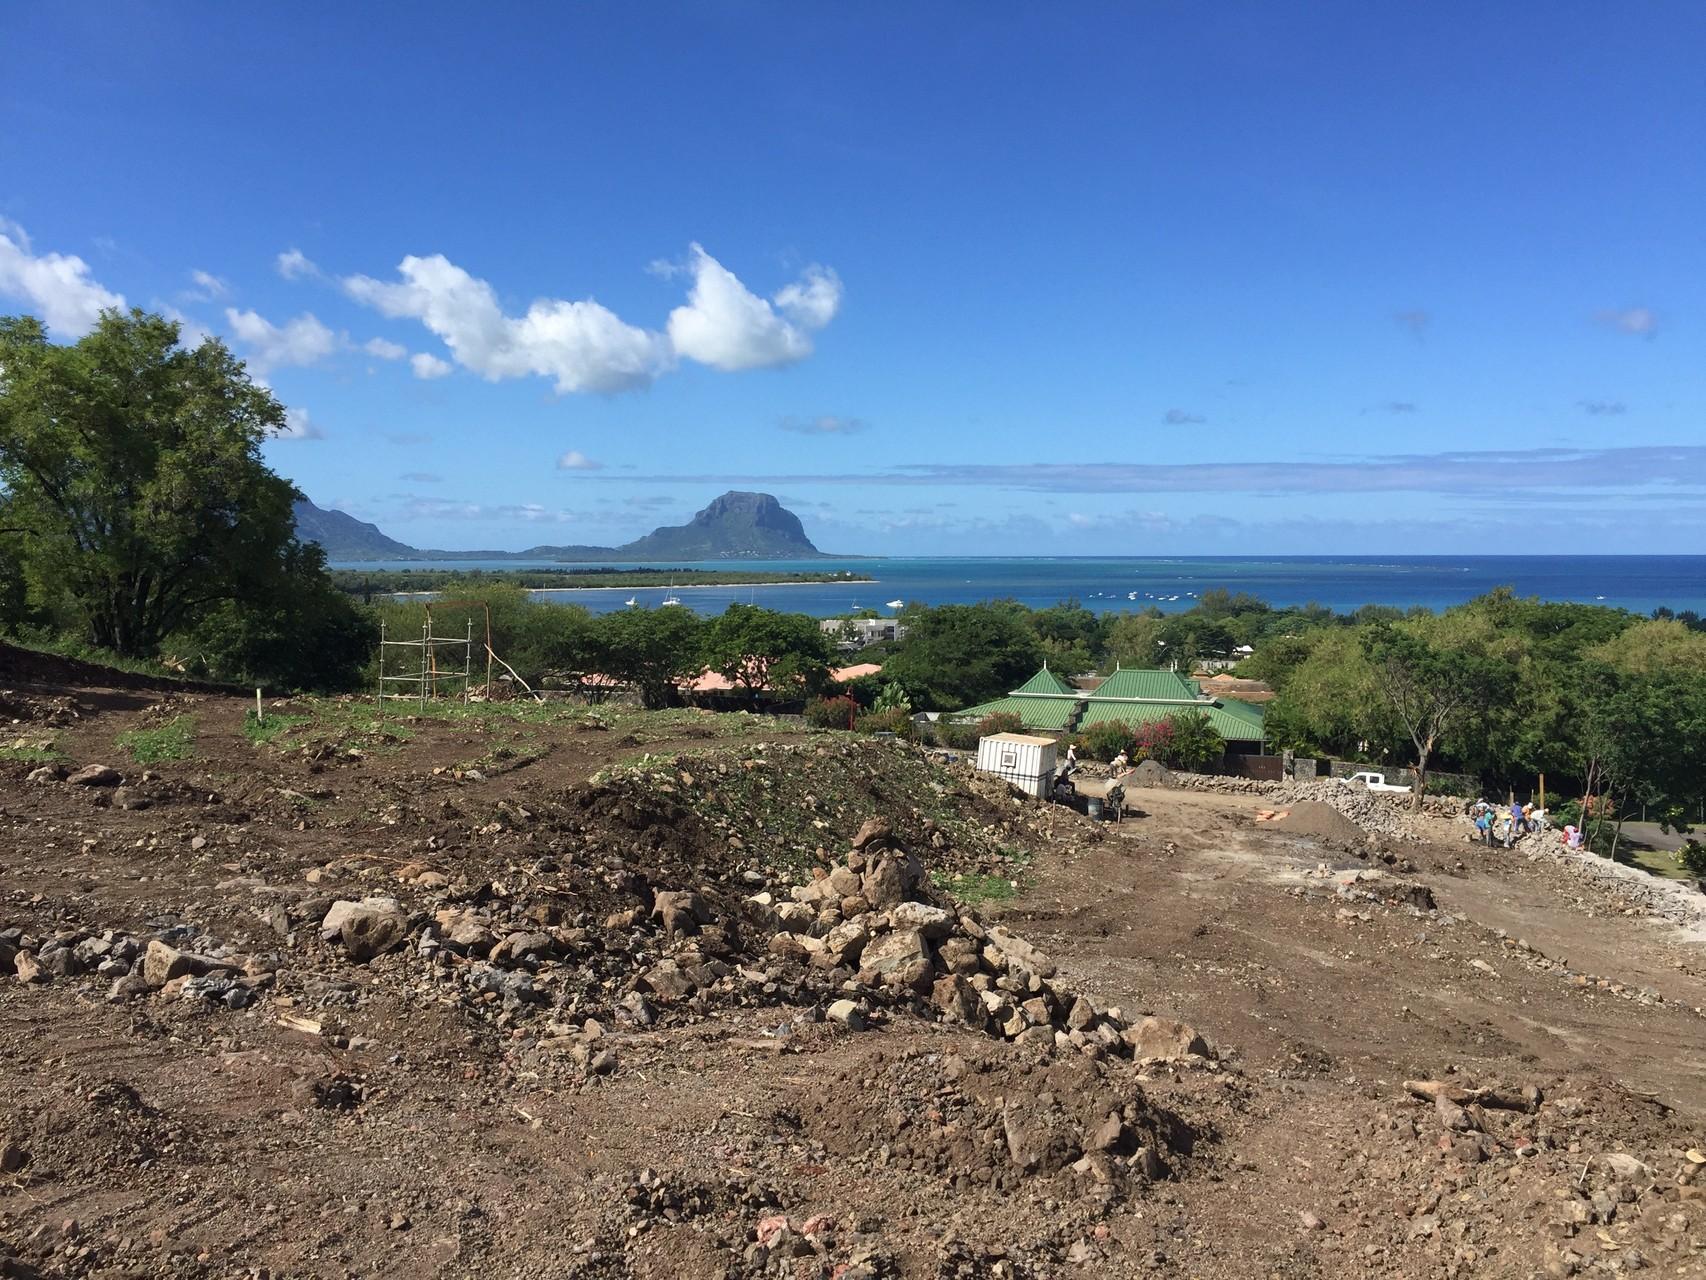 achat immobilier RES vue mer d'exception et de prestige à l'île Maurice en RES OSIRIS VILLAS